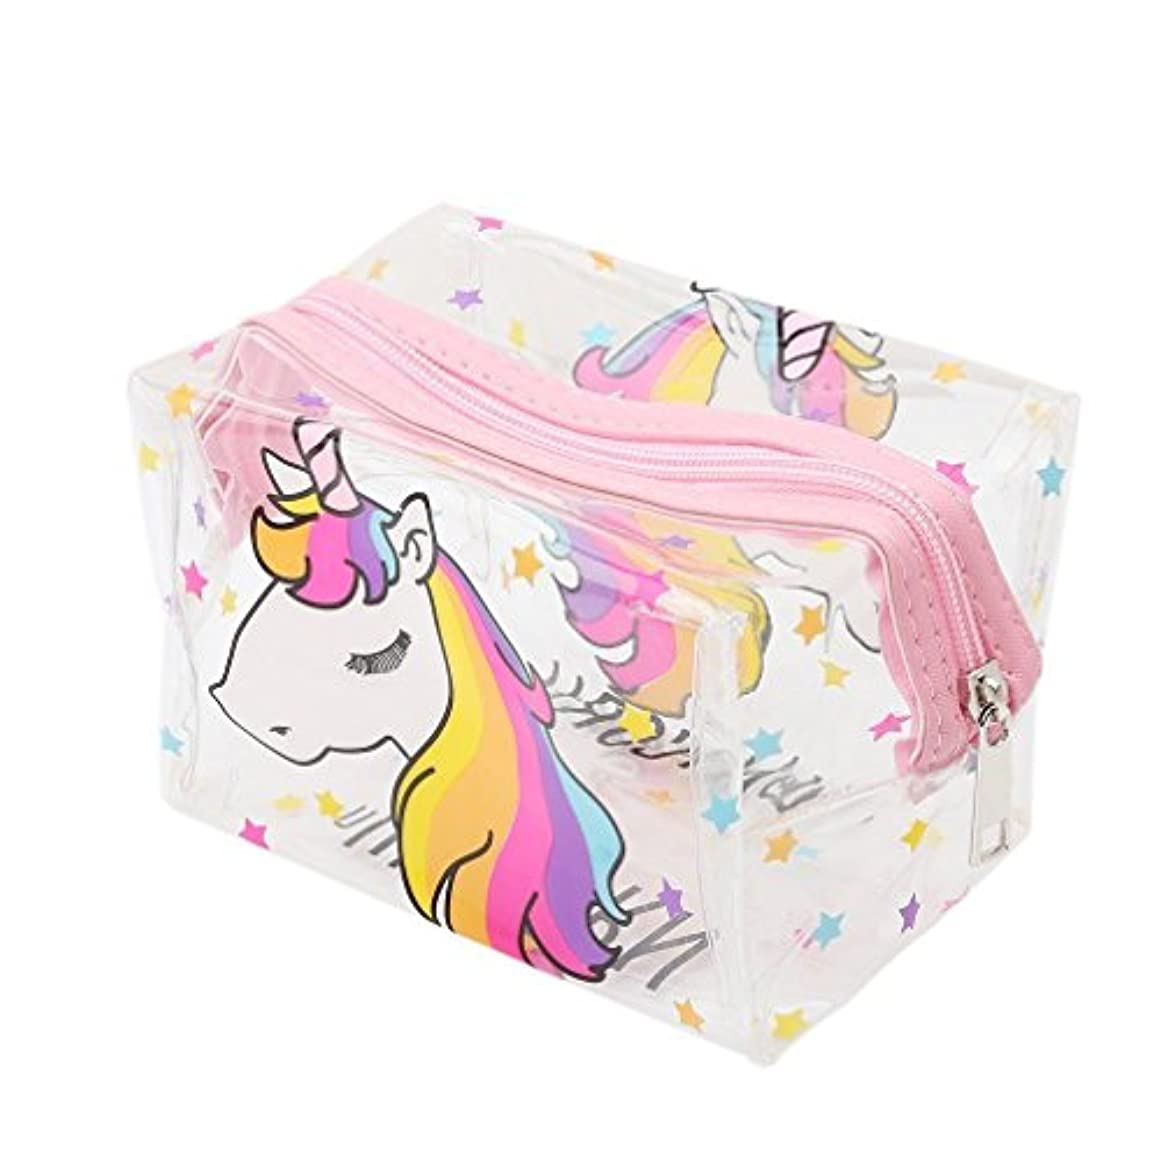 なかなかポイントチェスをするXiton 化粧品化粧ポーチ透明化粧トイレ袋ユニコーン化粧鉛筆(ピンク)化粧品袋